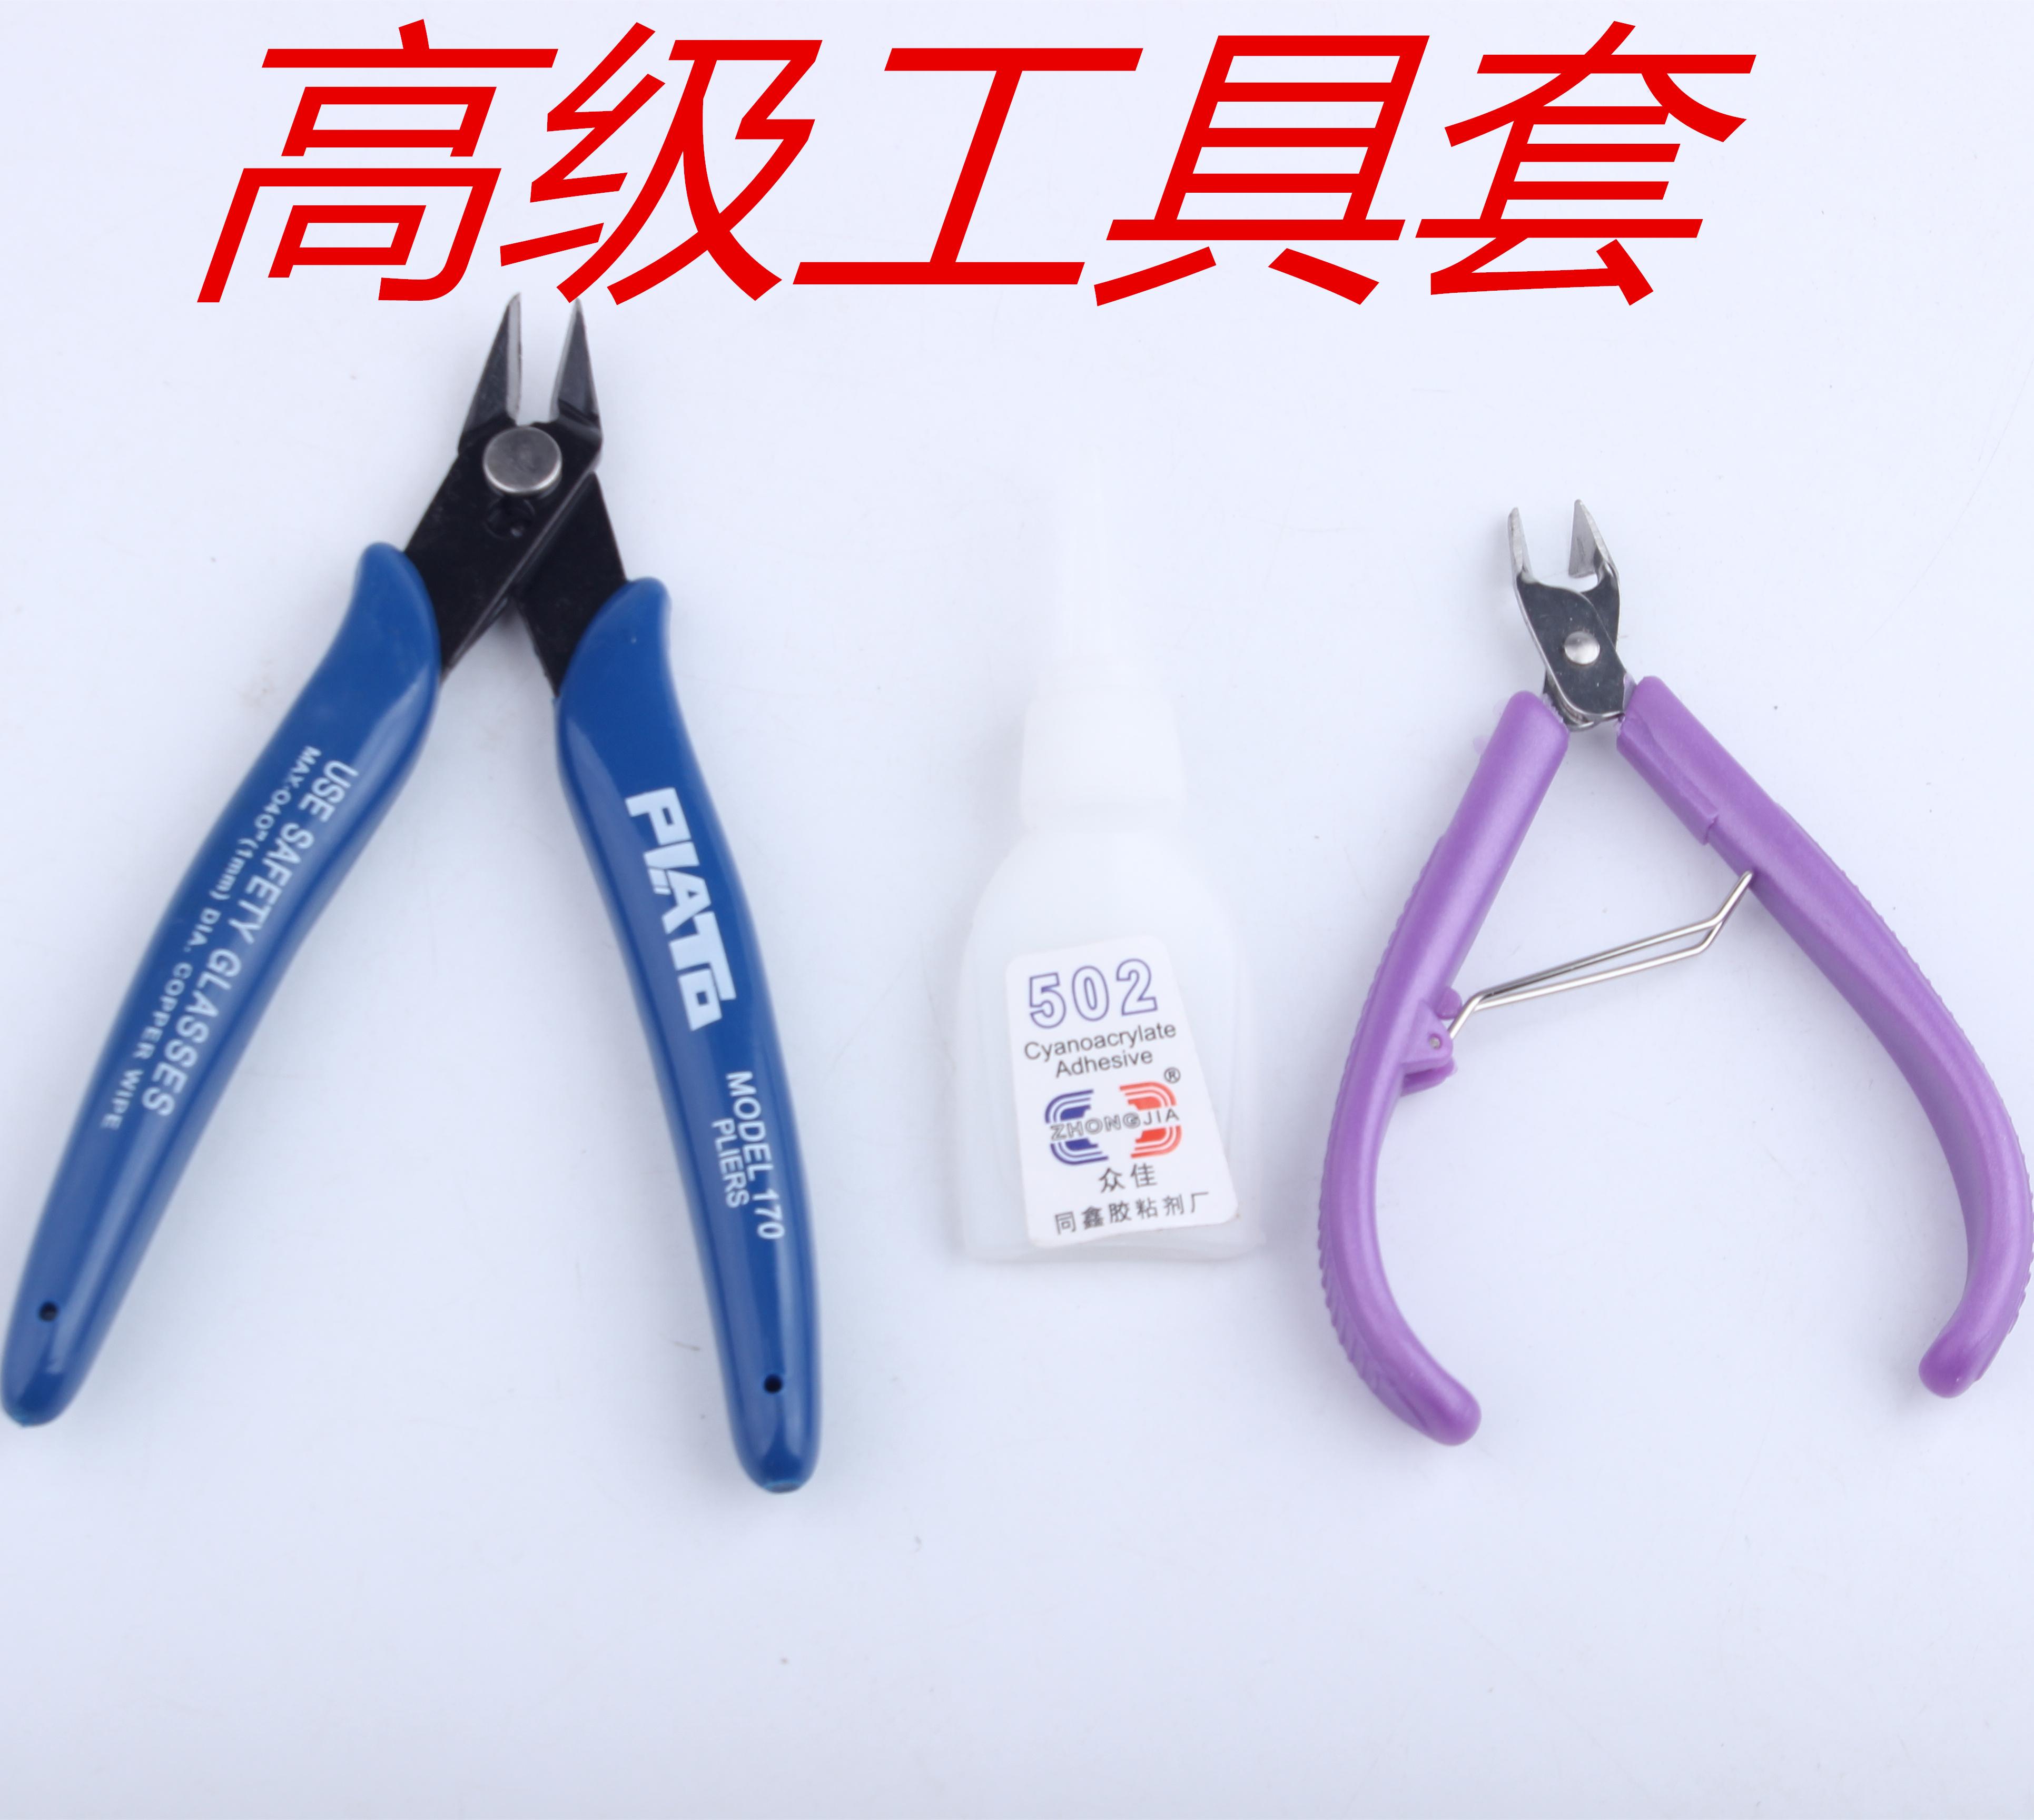 金属拼图工具基础三件套装热销剪钳剪尖嘴钳拼装工具模型